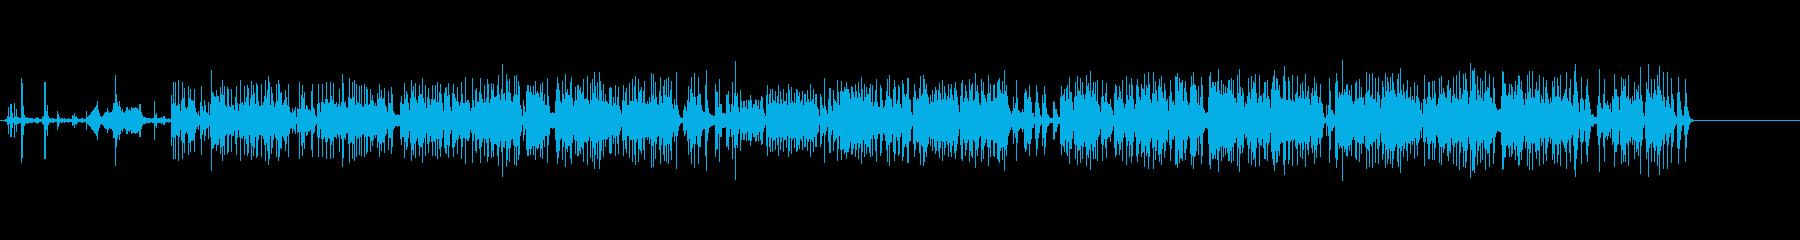 モダンエレクトリックタイプライター...の再生済みの波形